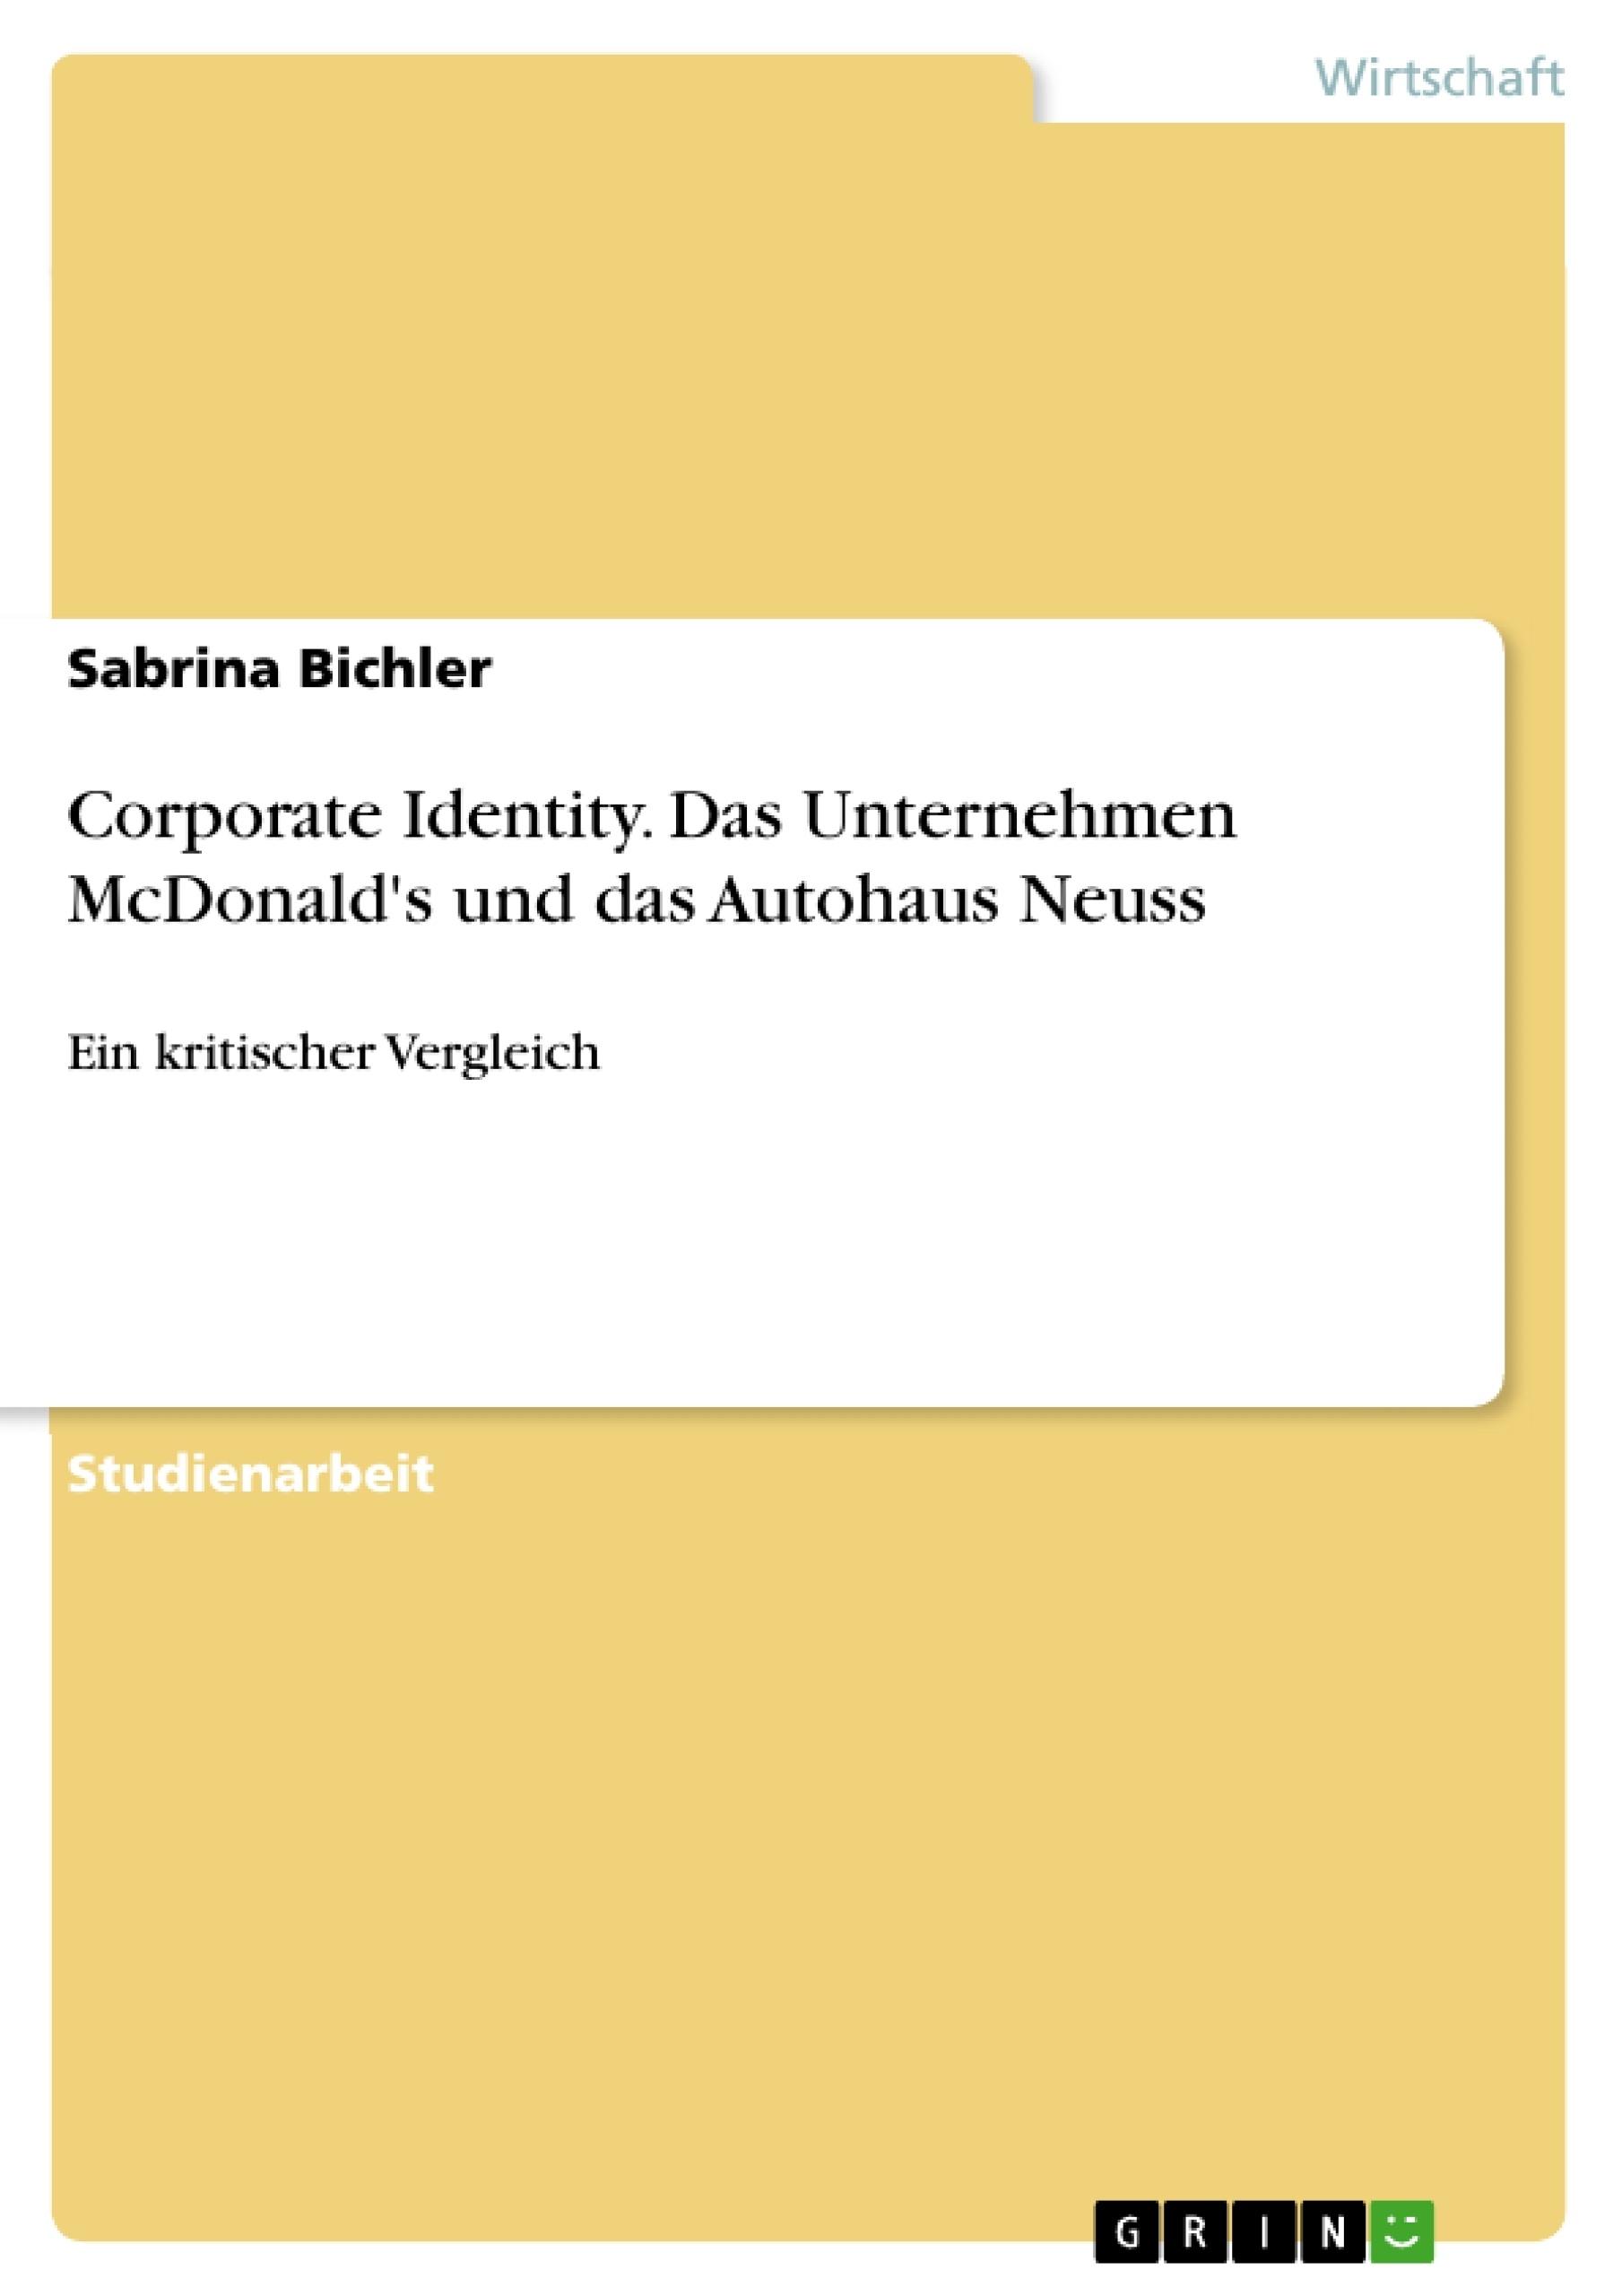 Titel: Corporate Identity. Das Unternehmen McDonald's und das Autohaus Neuss